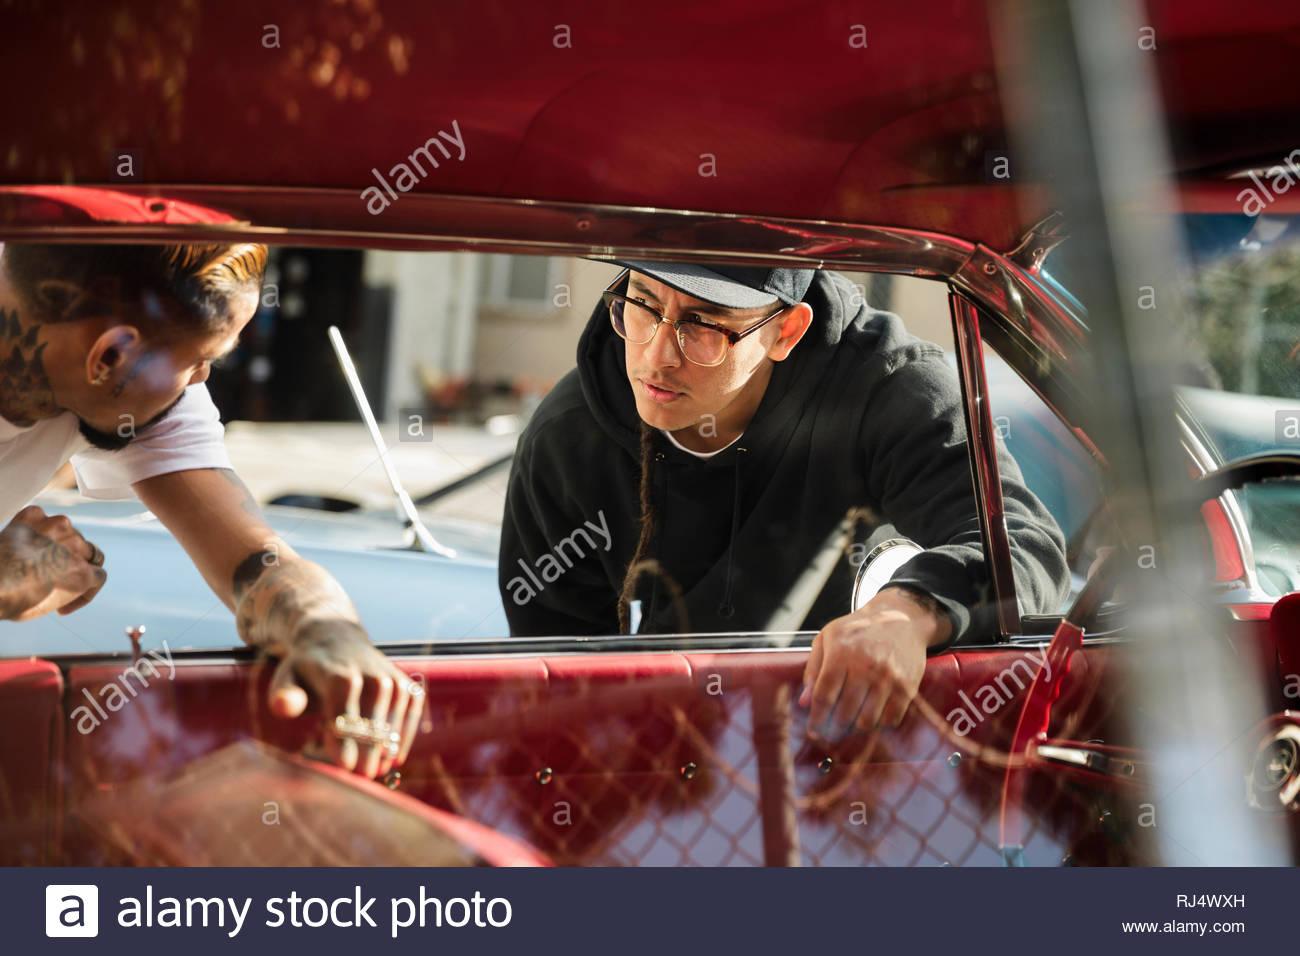 Les jeunes hommes à Latinx à vintage car Photo Stock